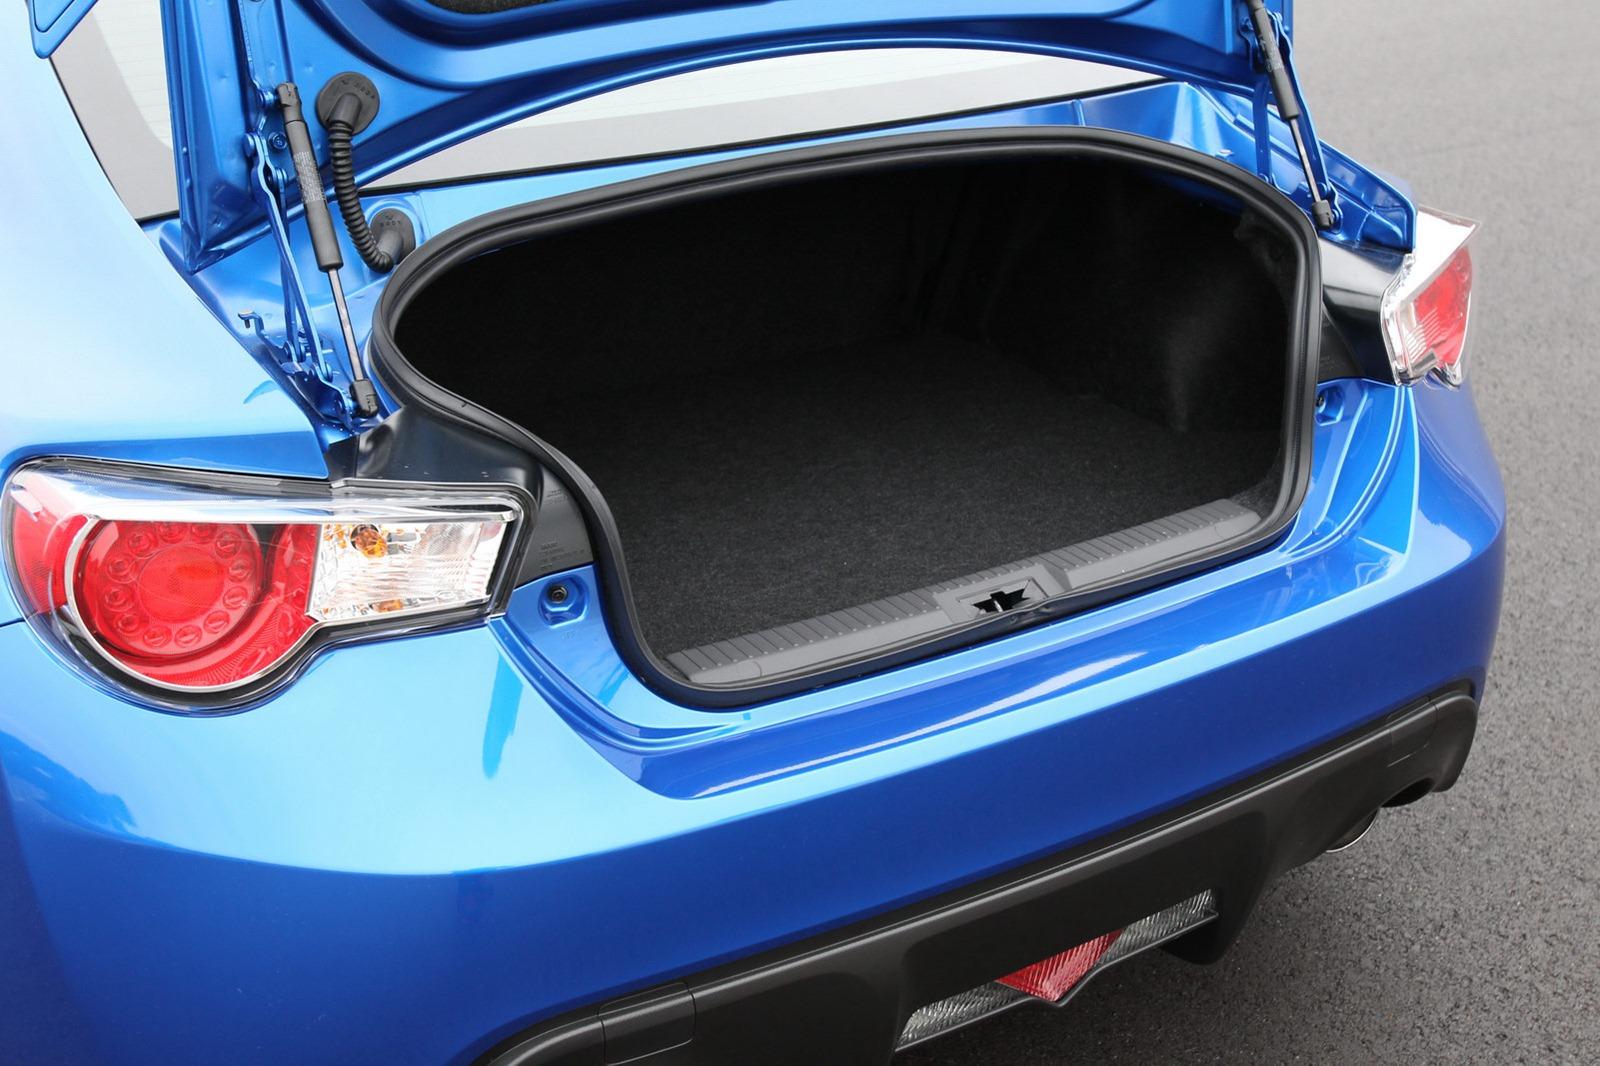 2013-Subaru-BRZ-Coupe-18.jpg?imgmax=1800